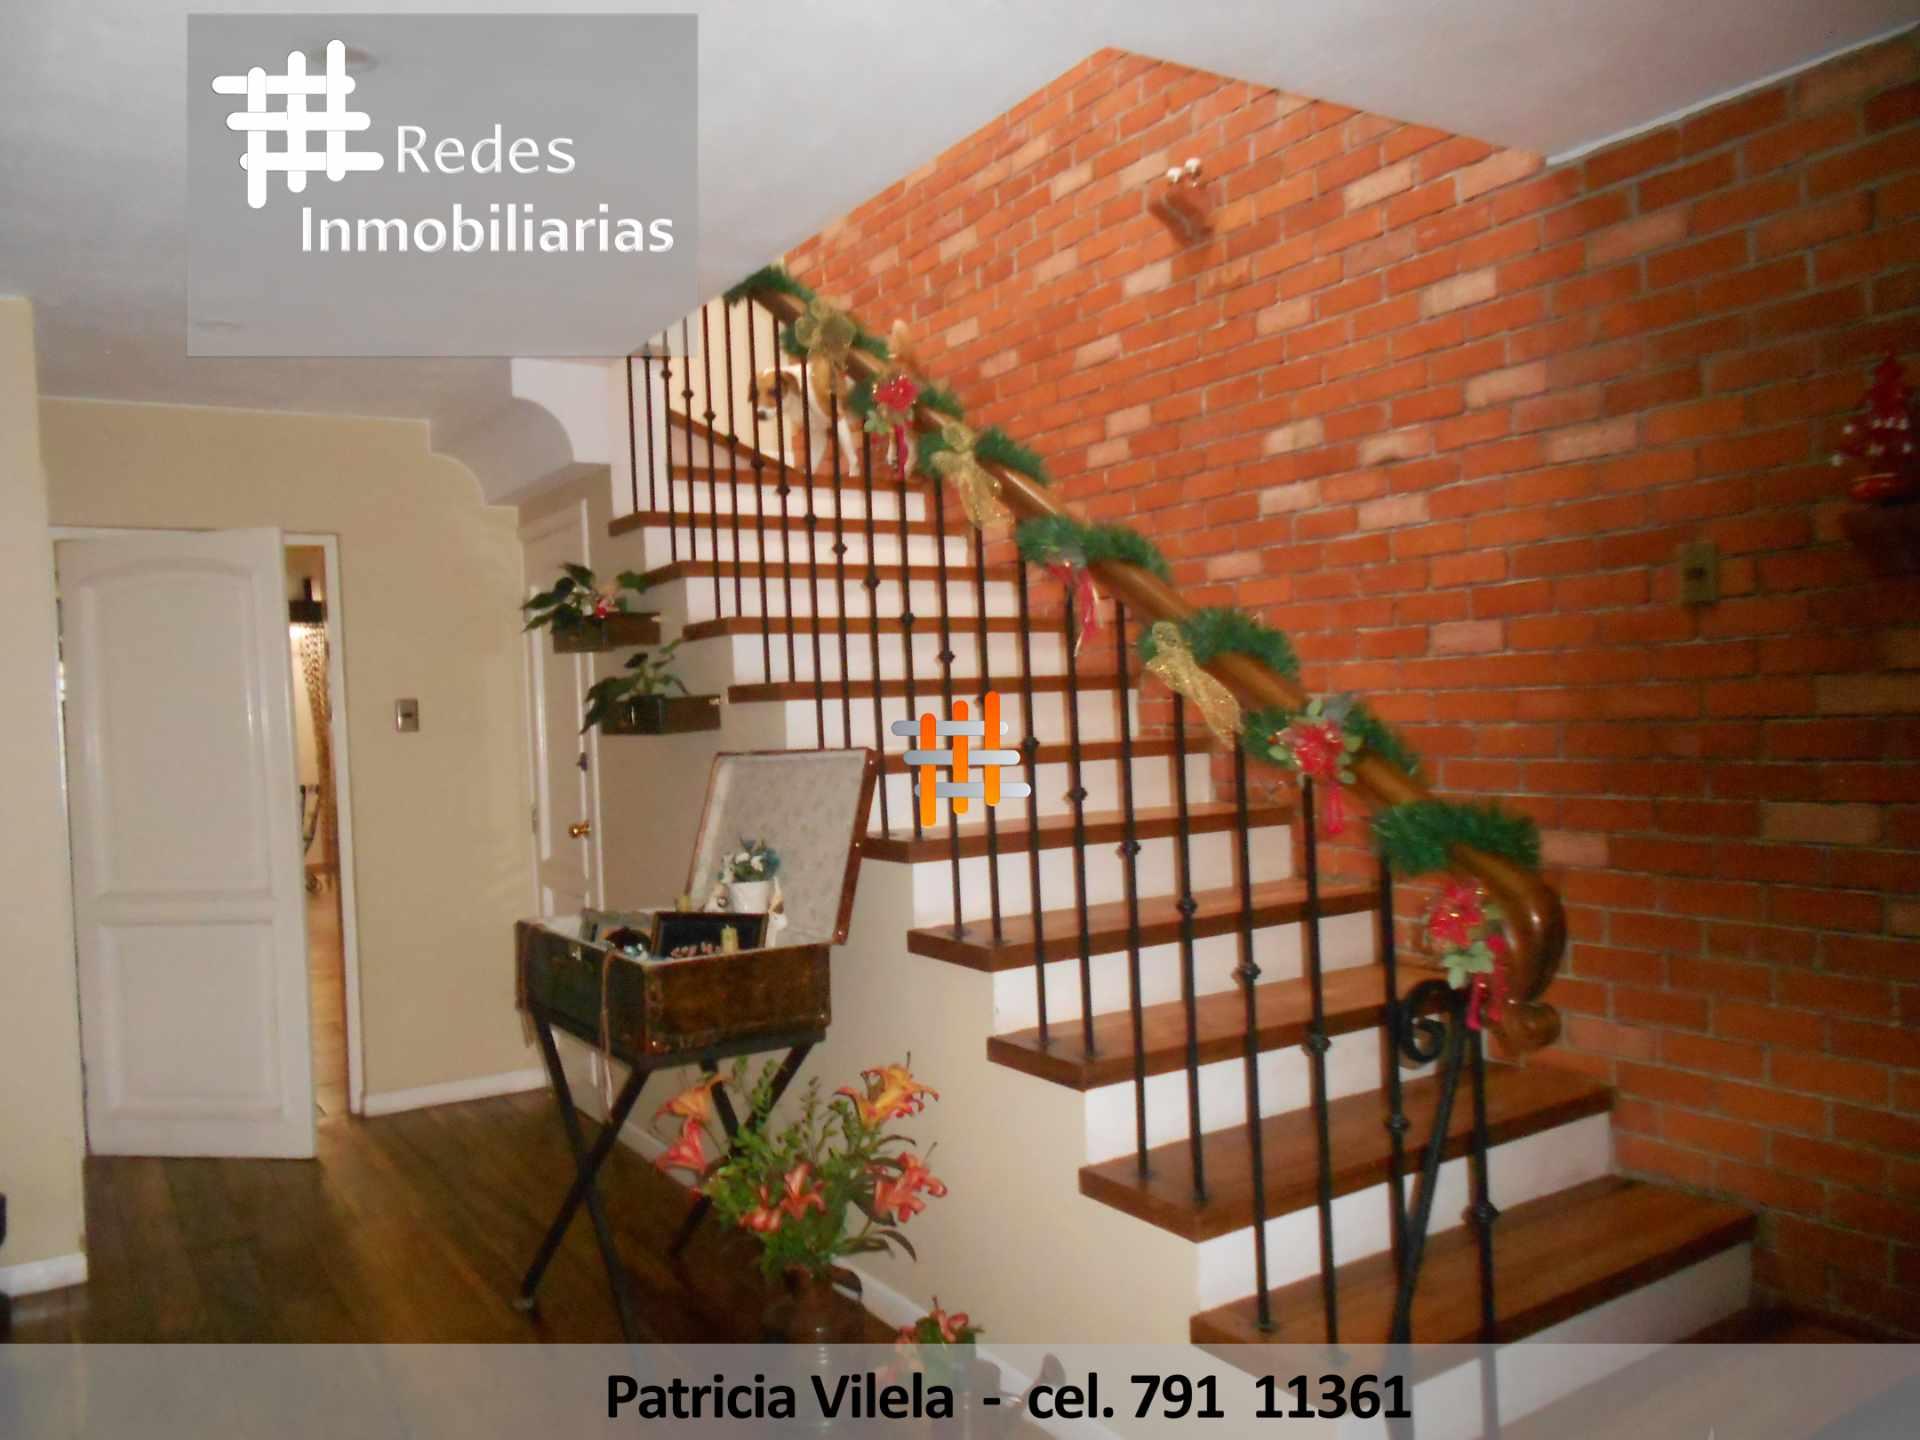 Casa en Venta HERMOSA CASA EN VENTA EN ACHUMANI URBANIZACION PRIVADA UNICA EN SU ESTILO TOTALMENTE AUTENTICA HERMOSA  Foto 11